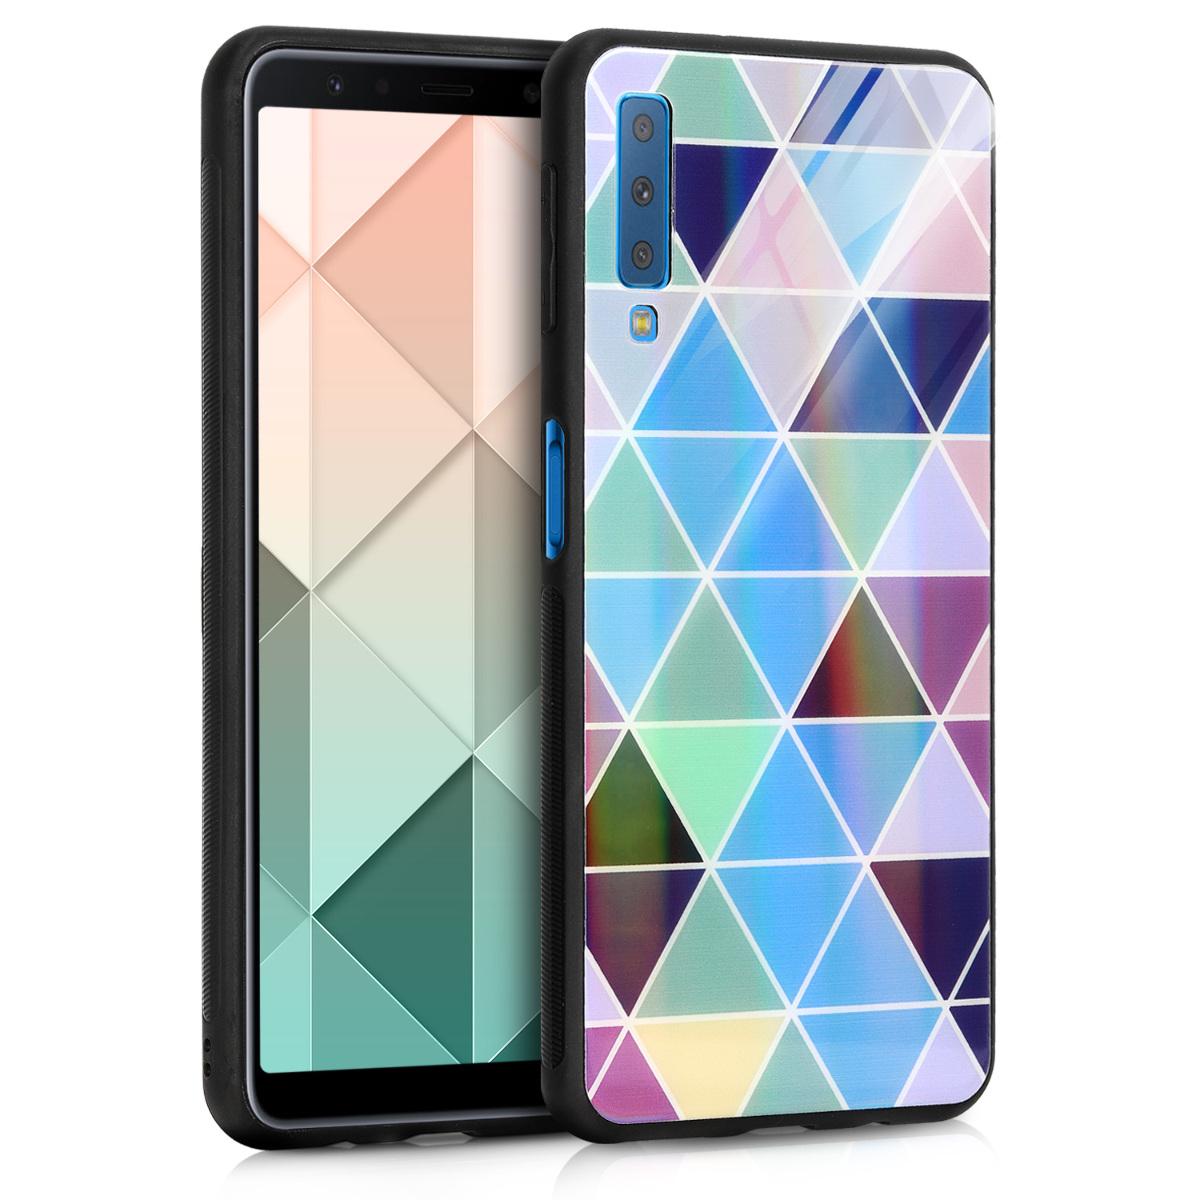 KW Σκληρή Θήκη με Όψη Γυαλιού Samsung Galaxy A7 2018 - Blue / Dark Blue / Mint (47125.01)